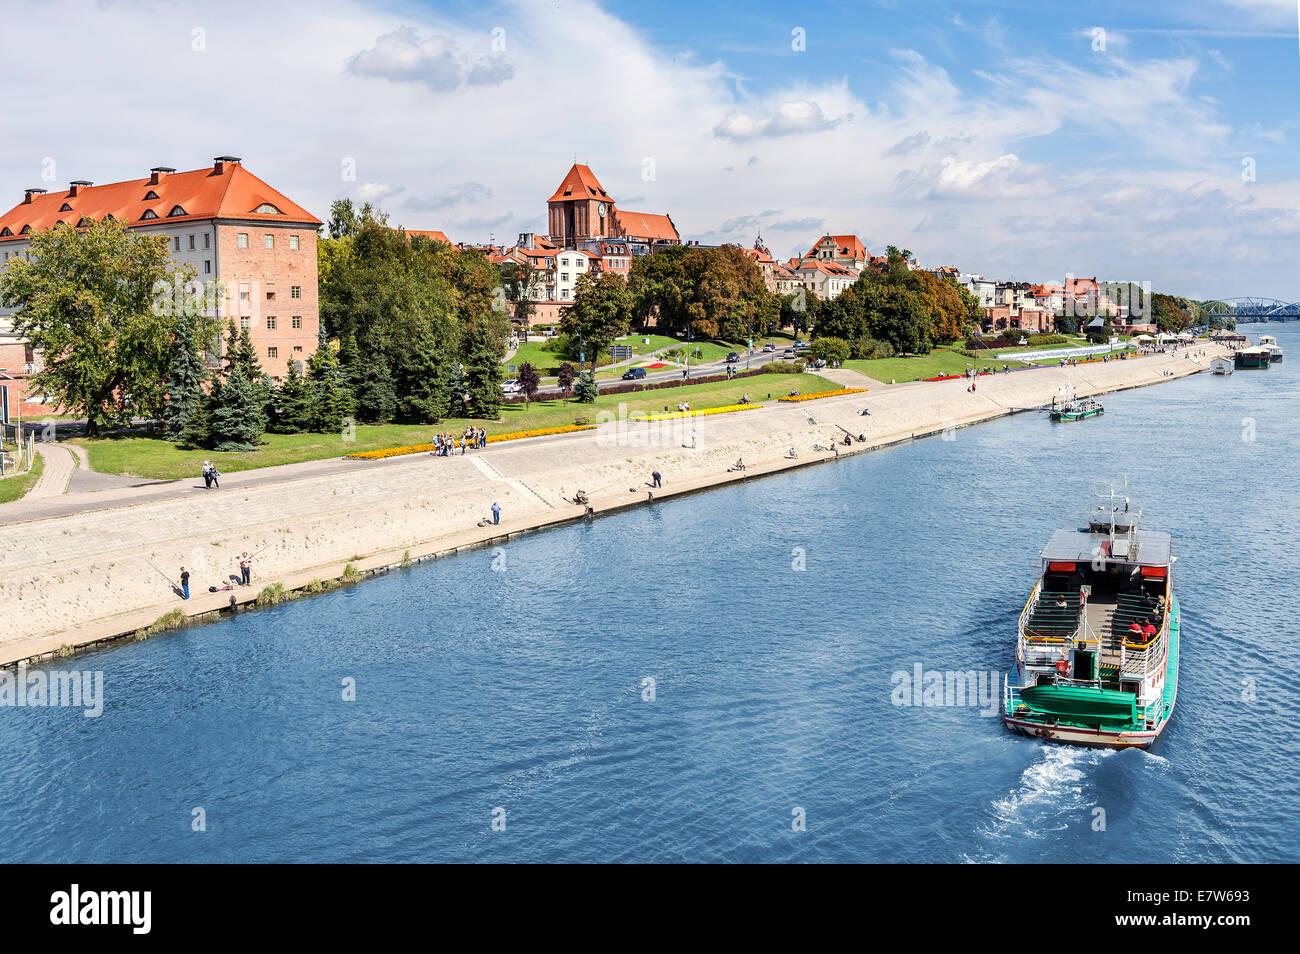 Torun, ciudad situada en la ribera del río Vístula, Polonia. Imagen De Stock